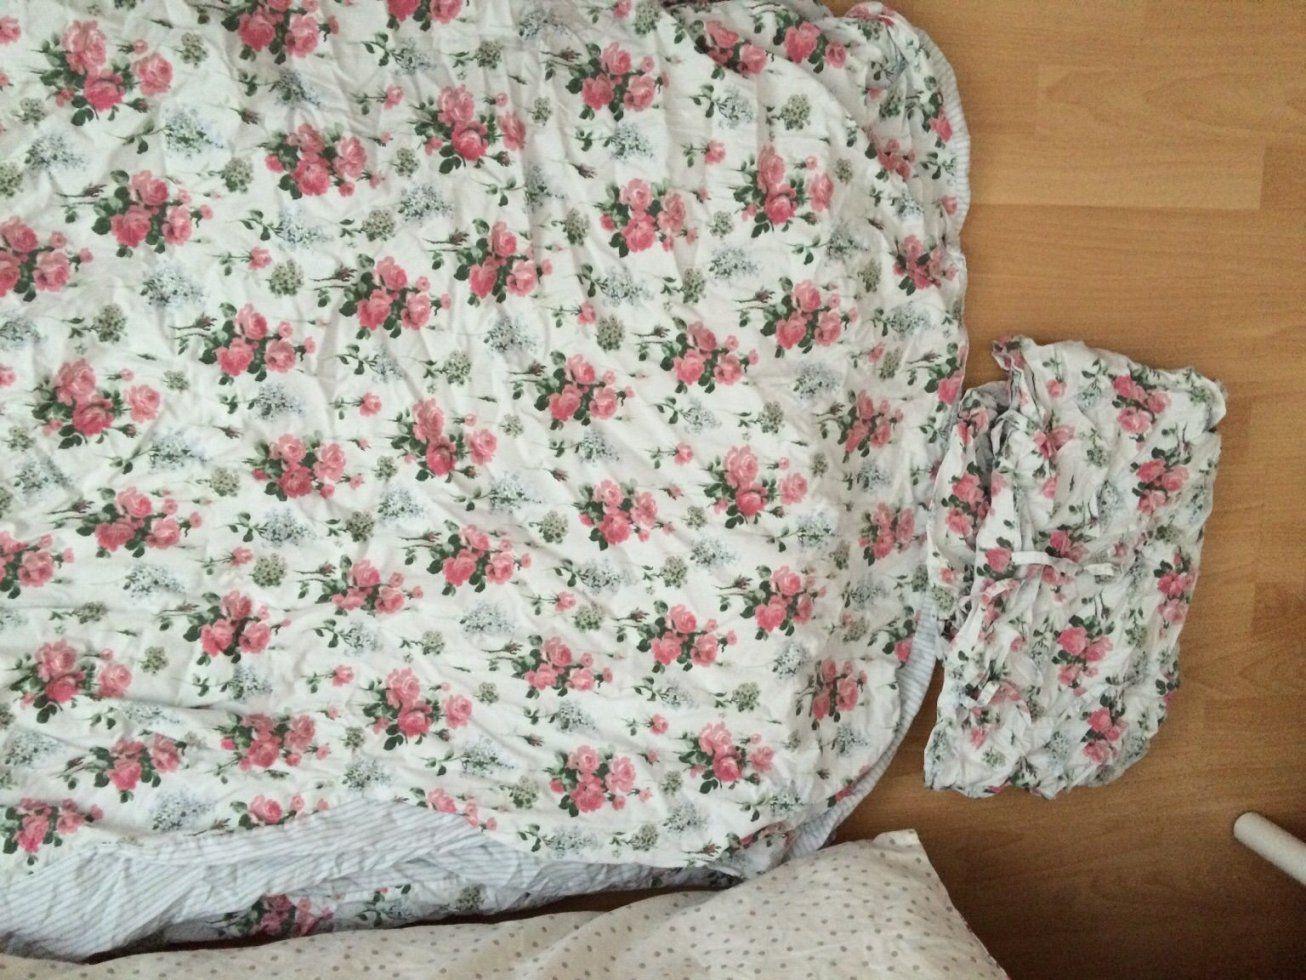 Gebraucht Ikea Bettwäsche Romantik Rosen Rosali 240X220 In 52066 von Bettwäsche Ikea Rosen Bild